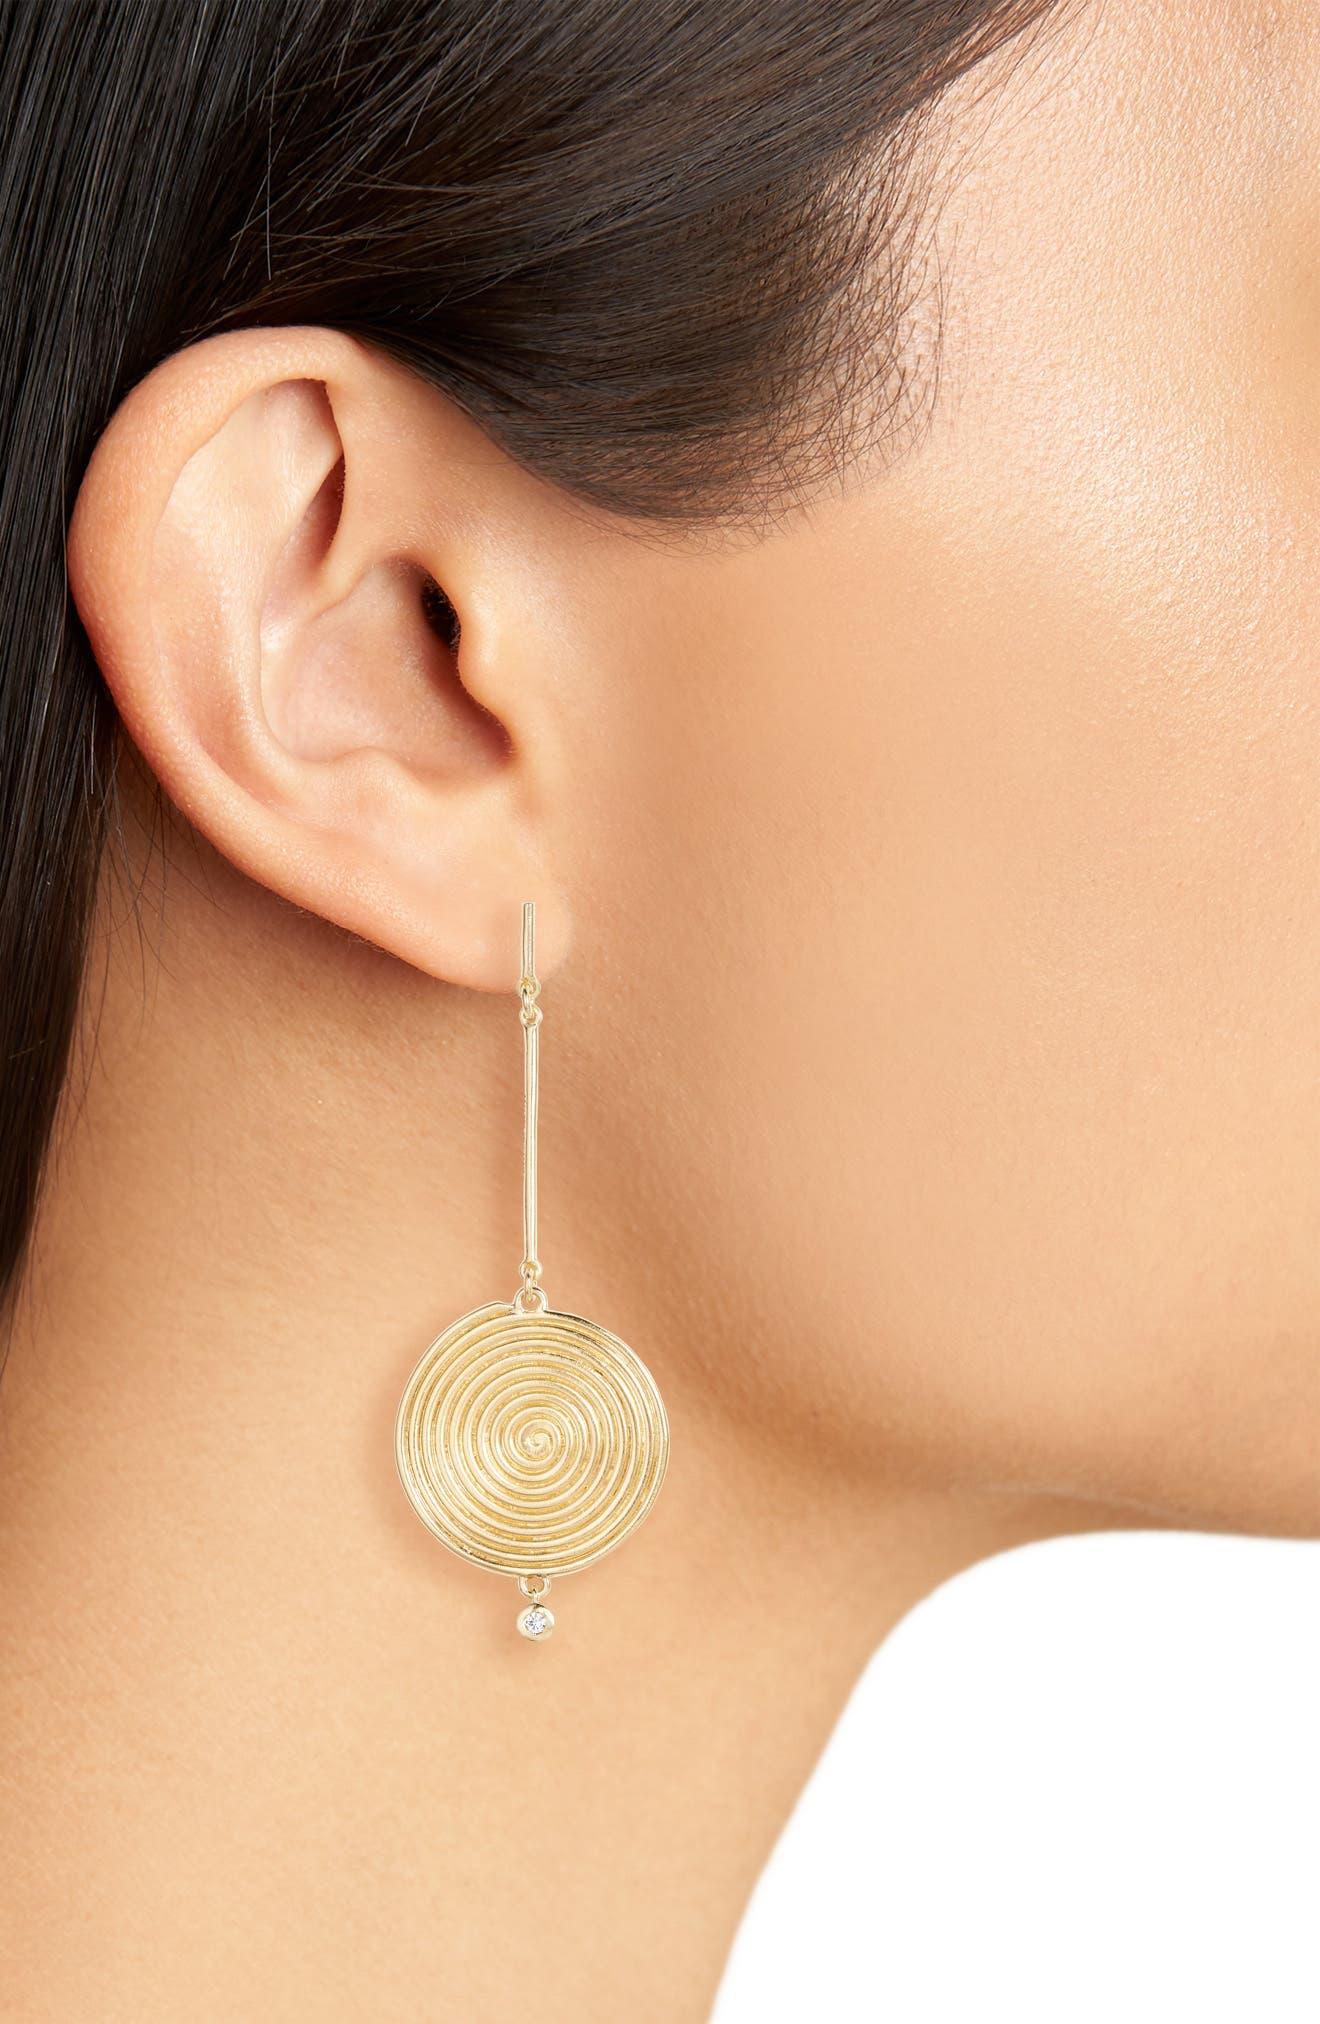 Sullivan - Lainey White Topaz Drop Earrings,                             Alternate thumbnail 2, color,                             715